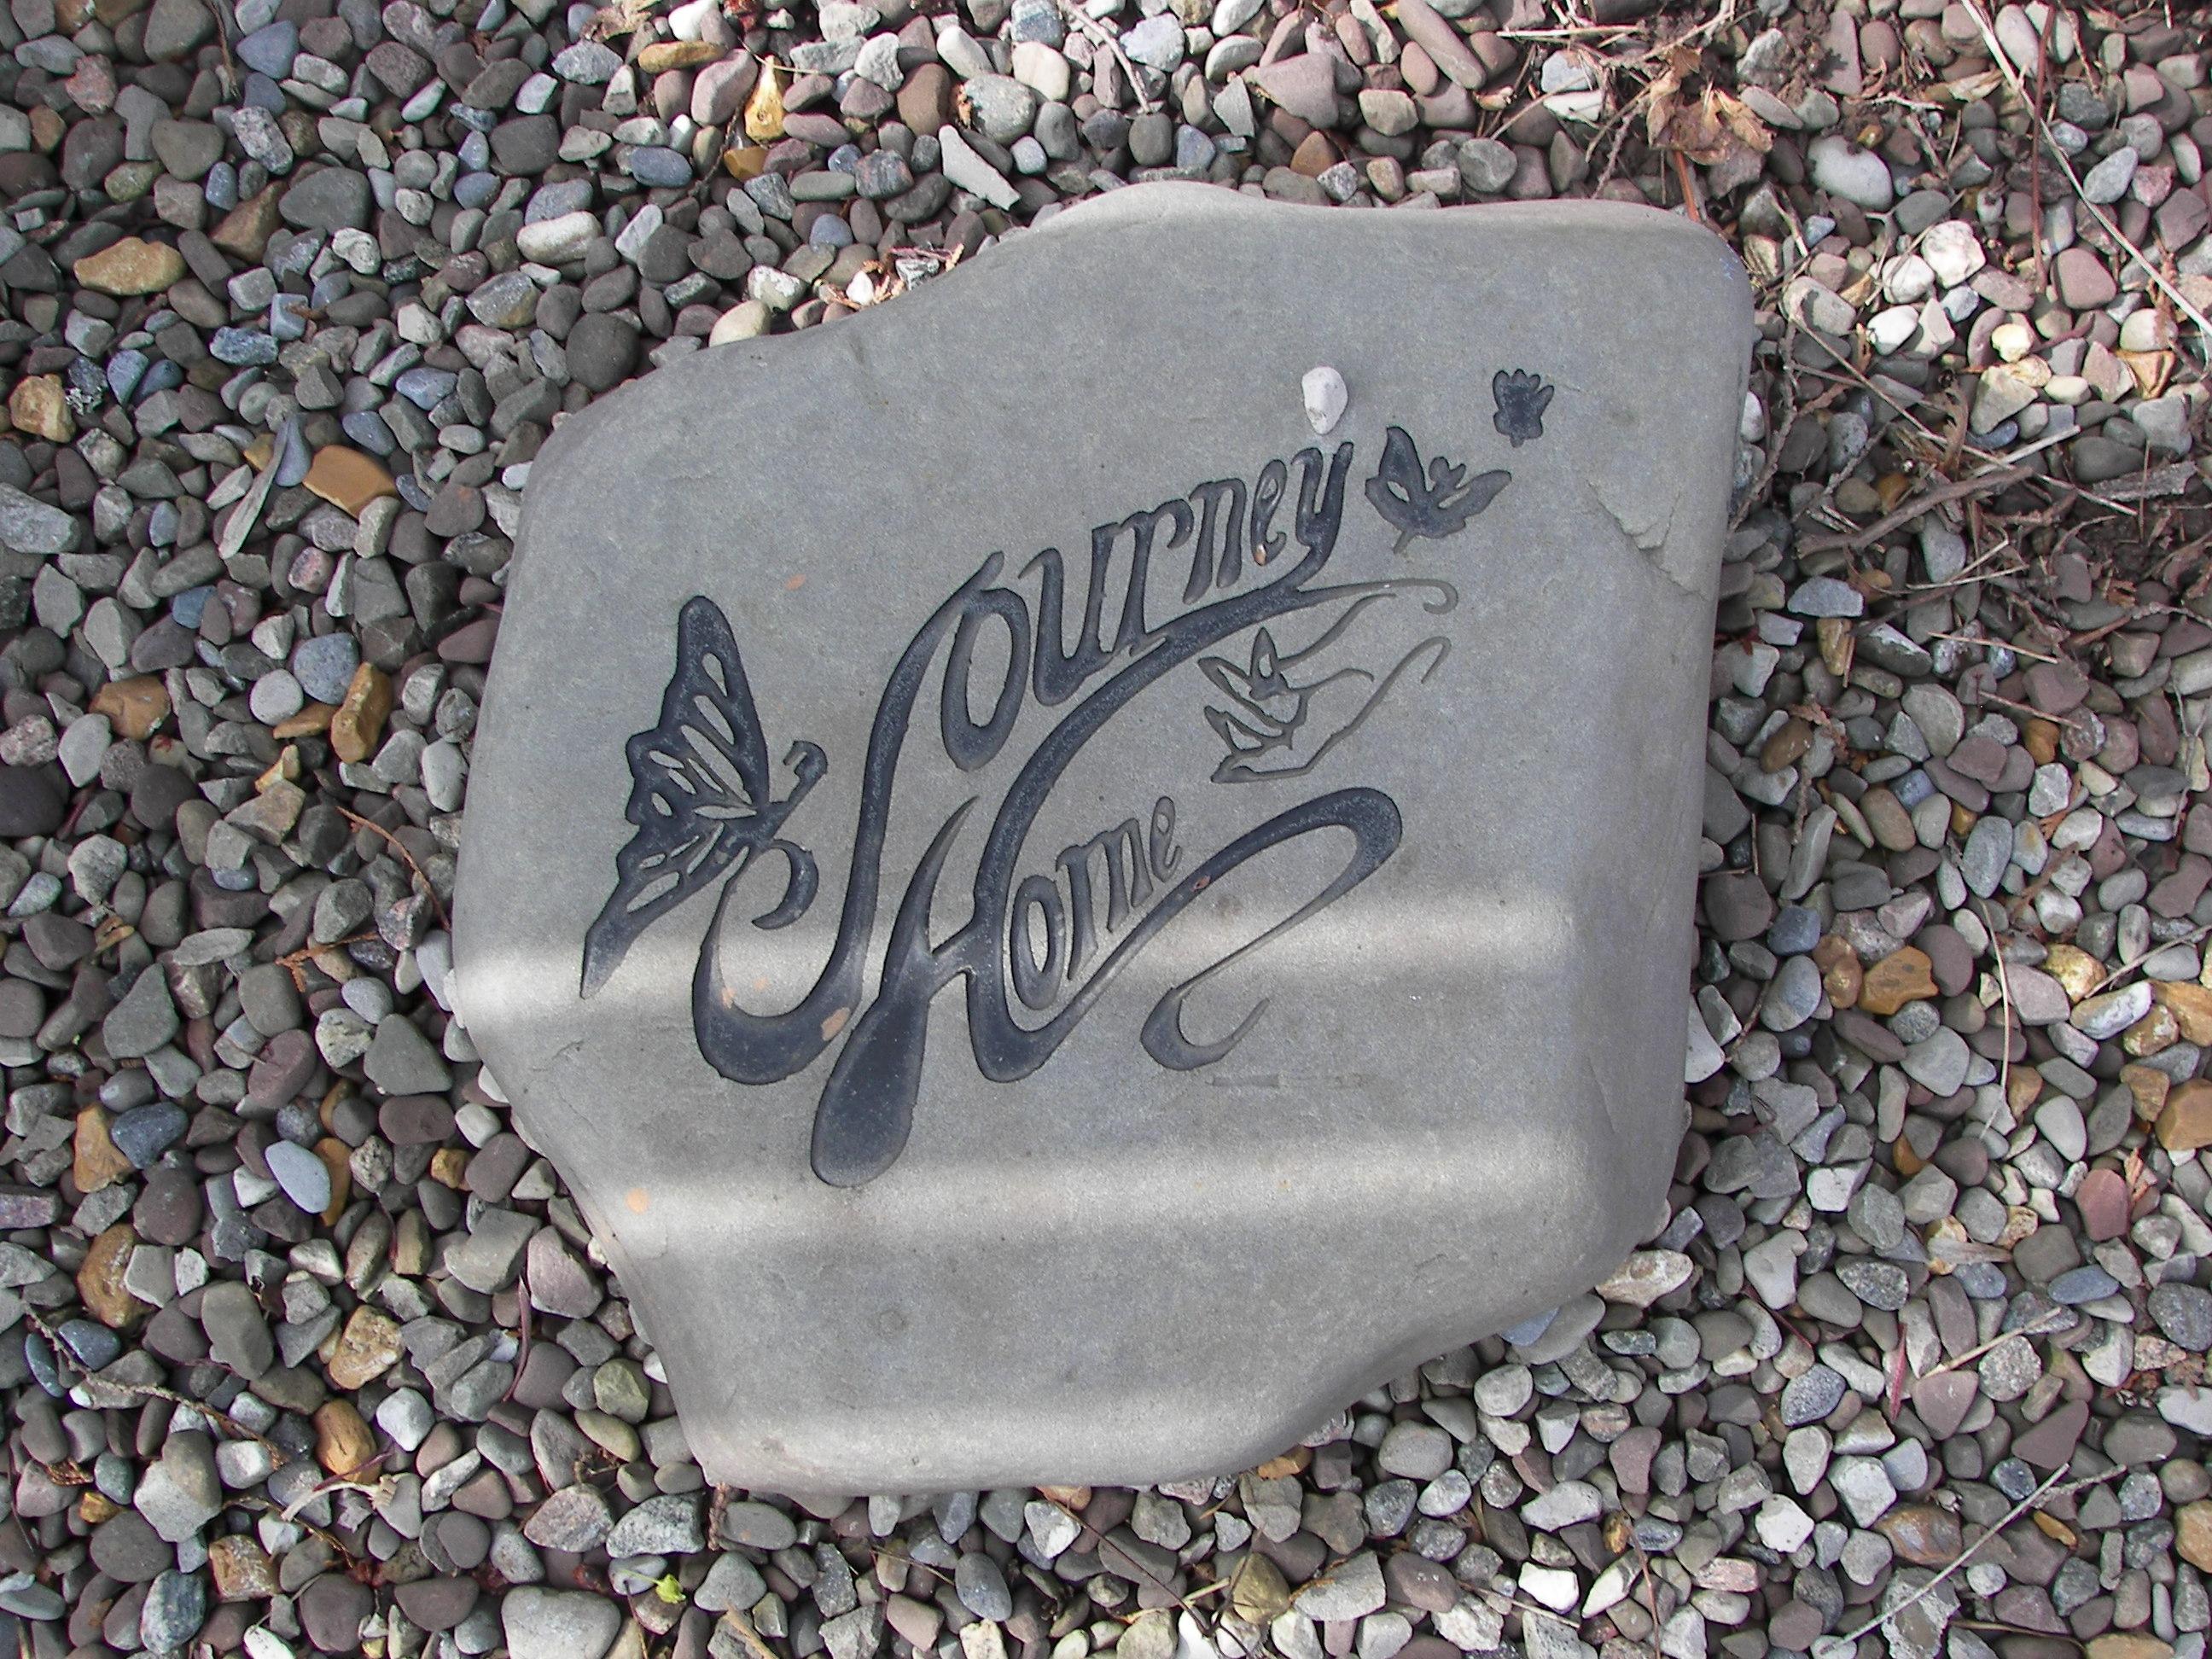 0001_jh stone